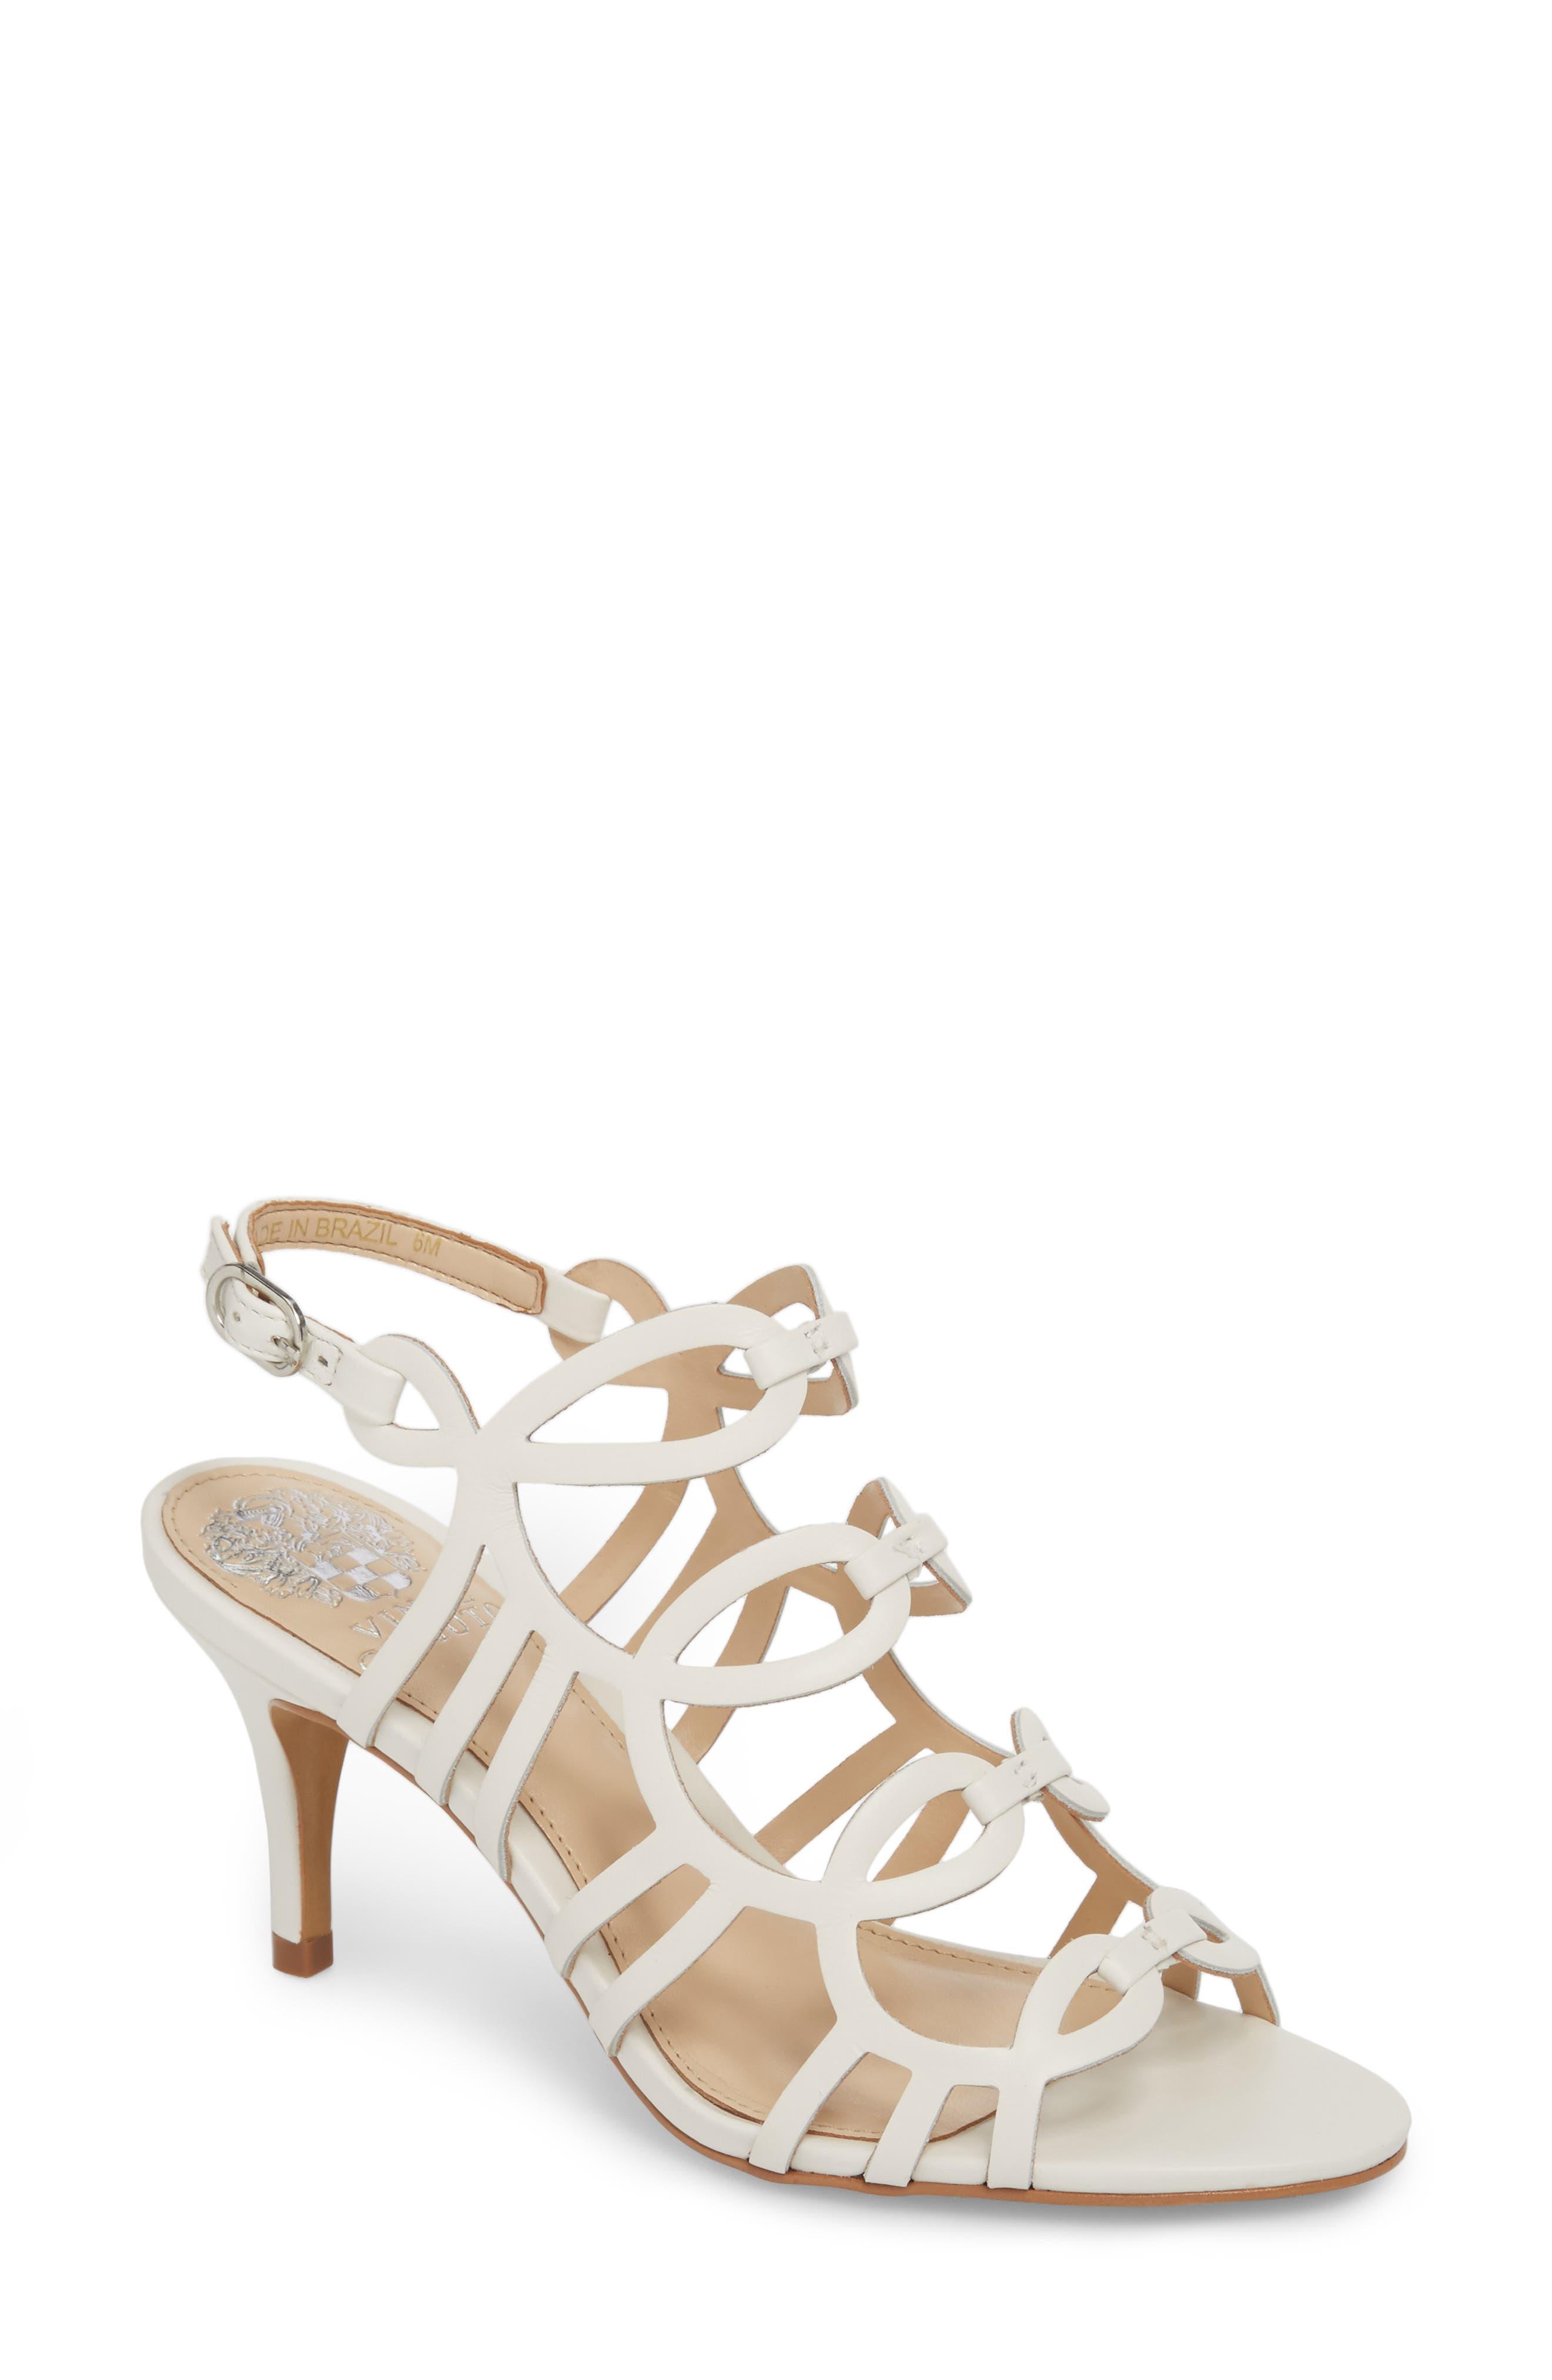 Petina Sandal,                             Main thumbnail 1, color,                             White Leather